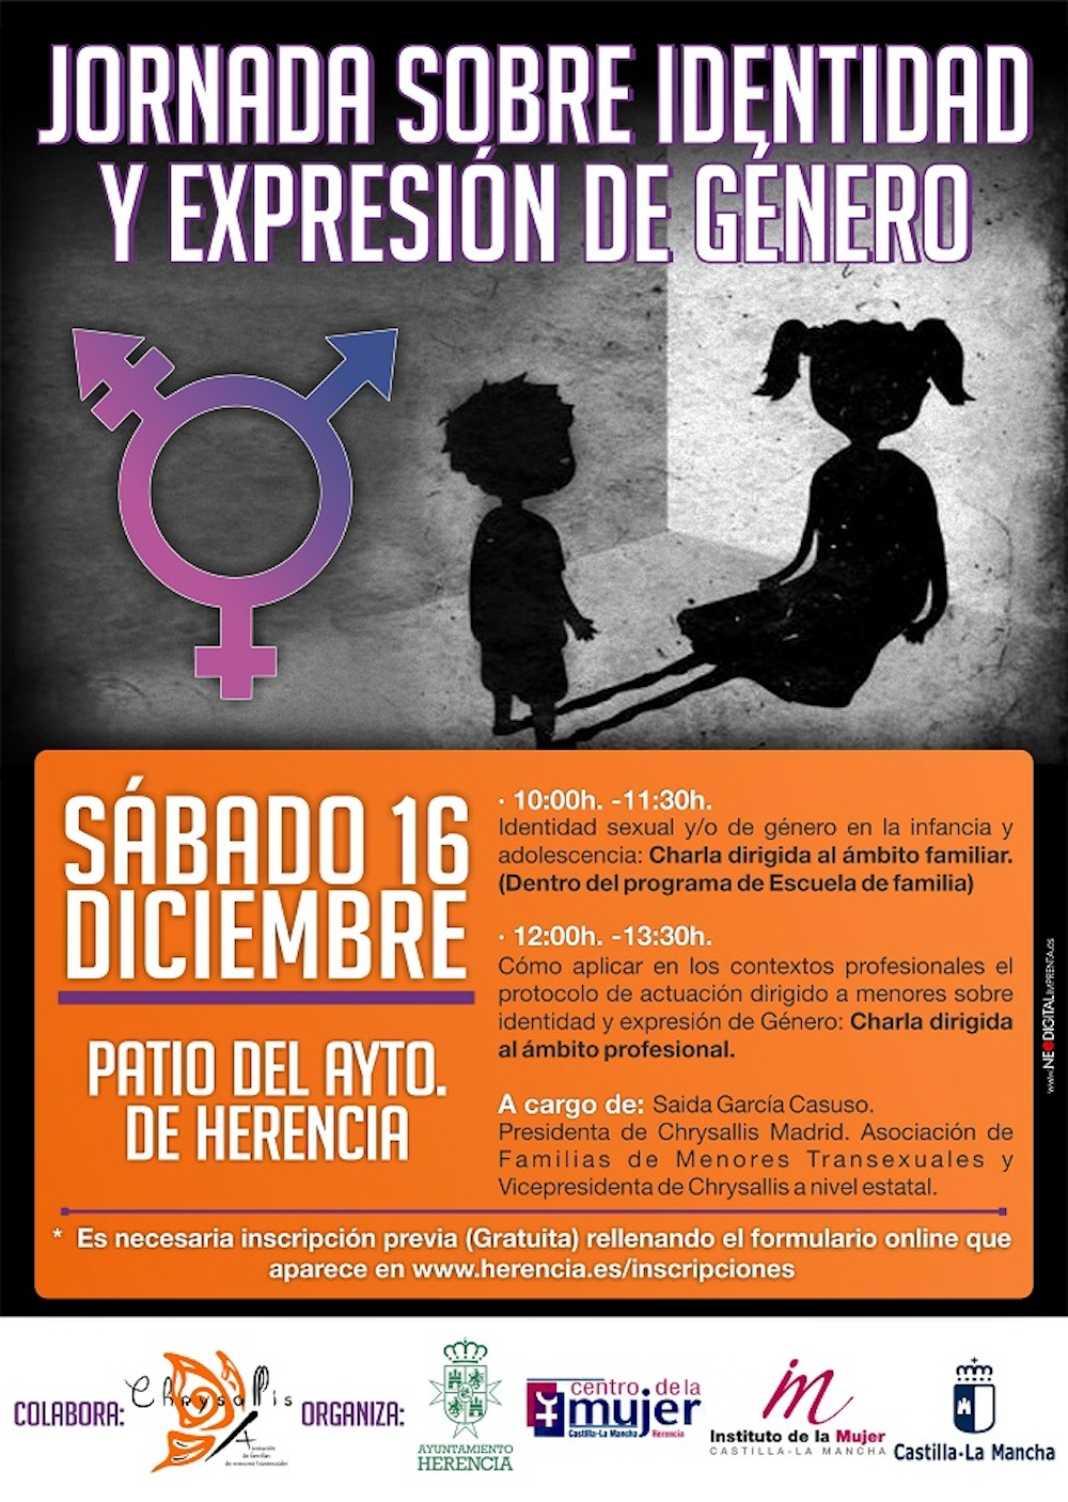 jornadas identidad expresion herencia 1068x1502 - Jornadas sobre identidad y expresión de género en Herencia